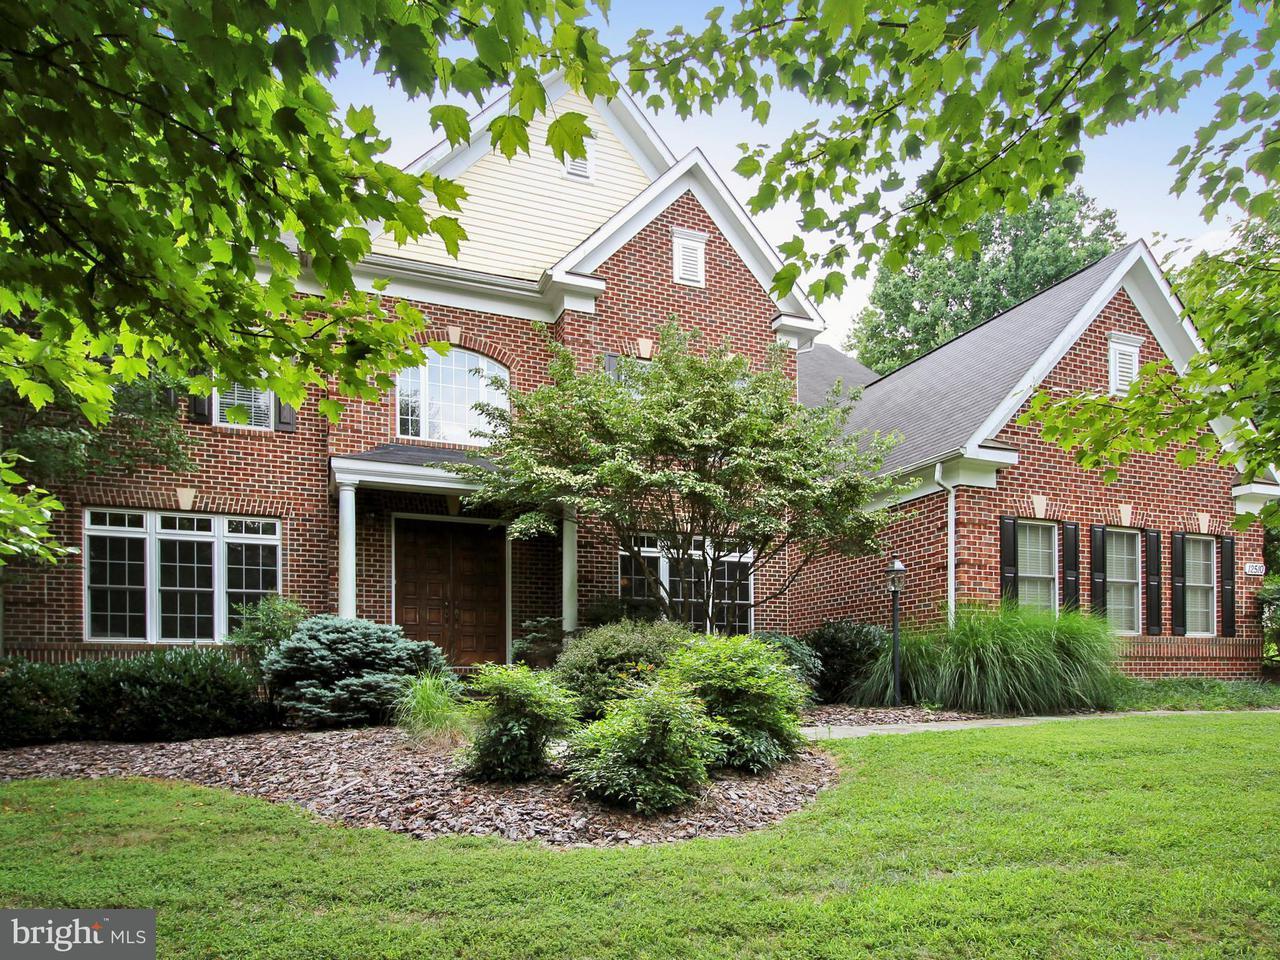 独户住宅 为 销售 在 12510 VIEWSIDE Drive 12510 VIEWSIDE Drive North Potomac, 马里兰州 20878 美国